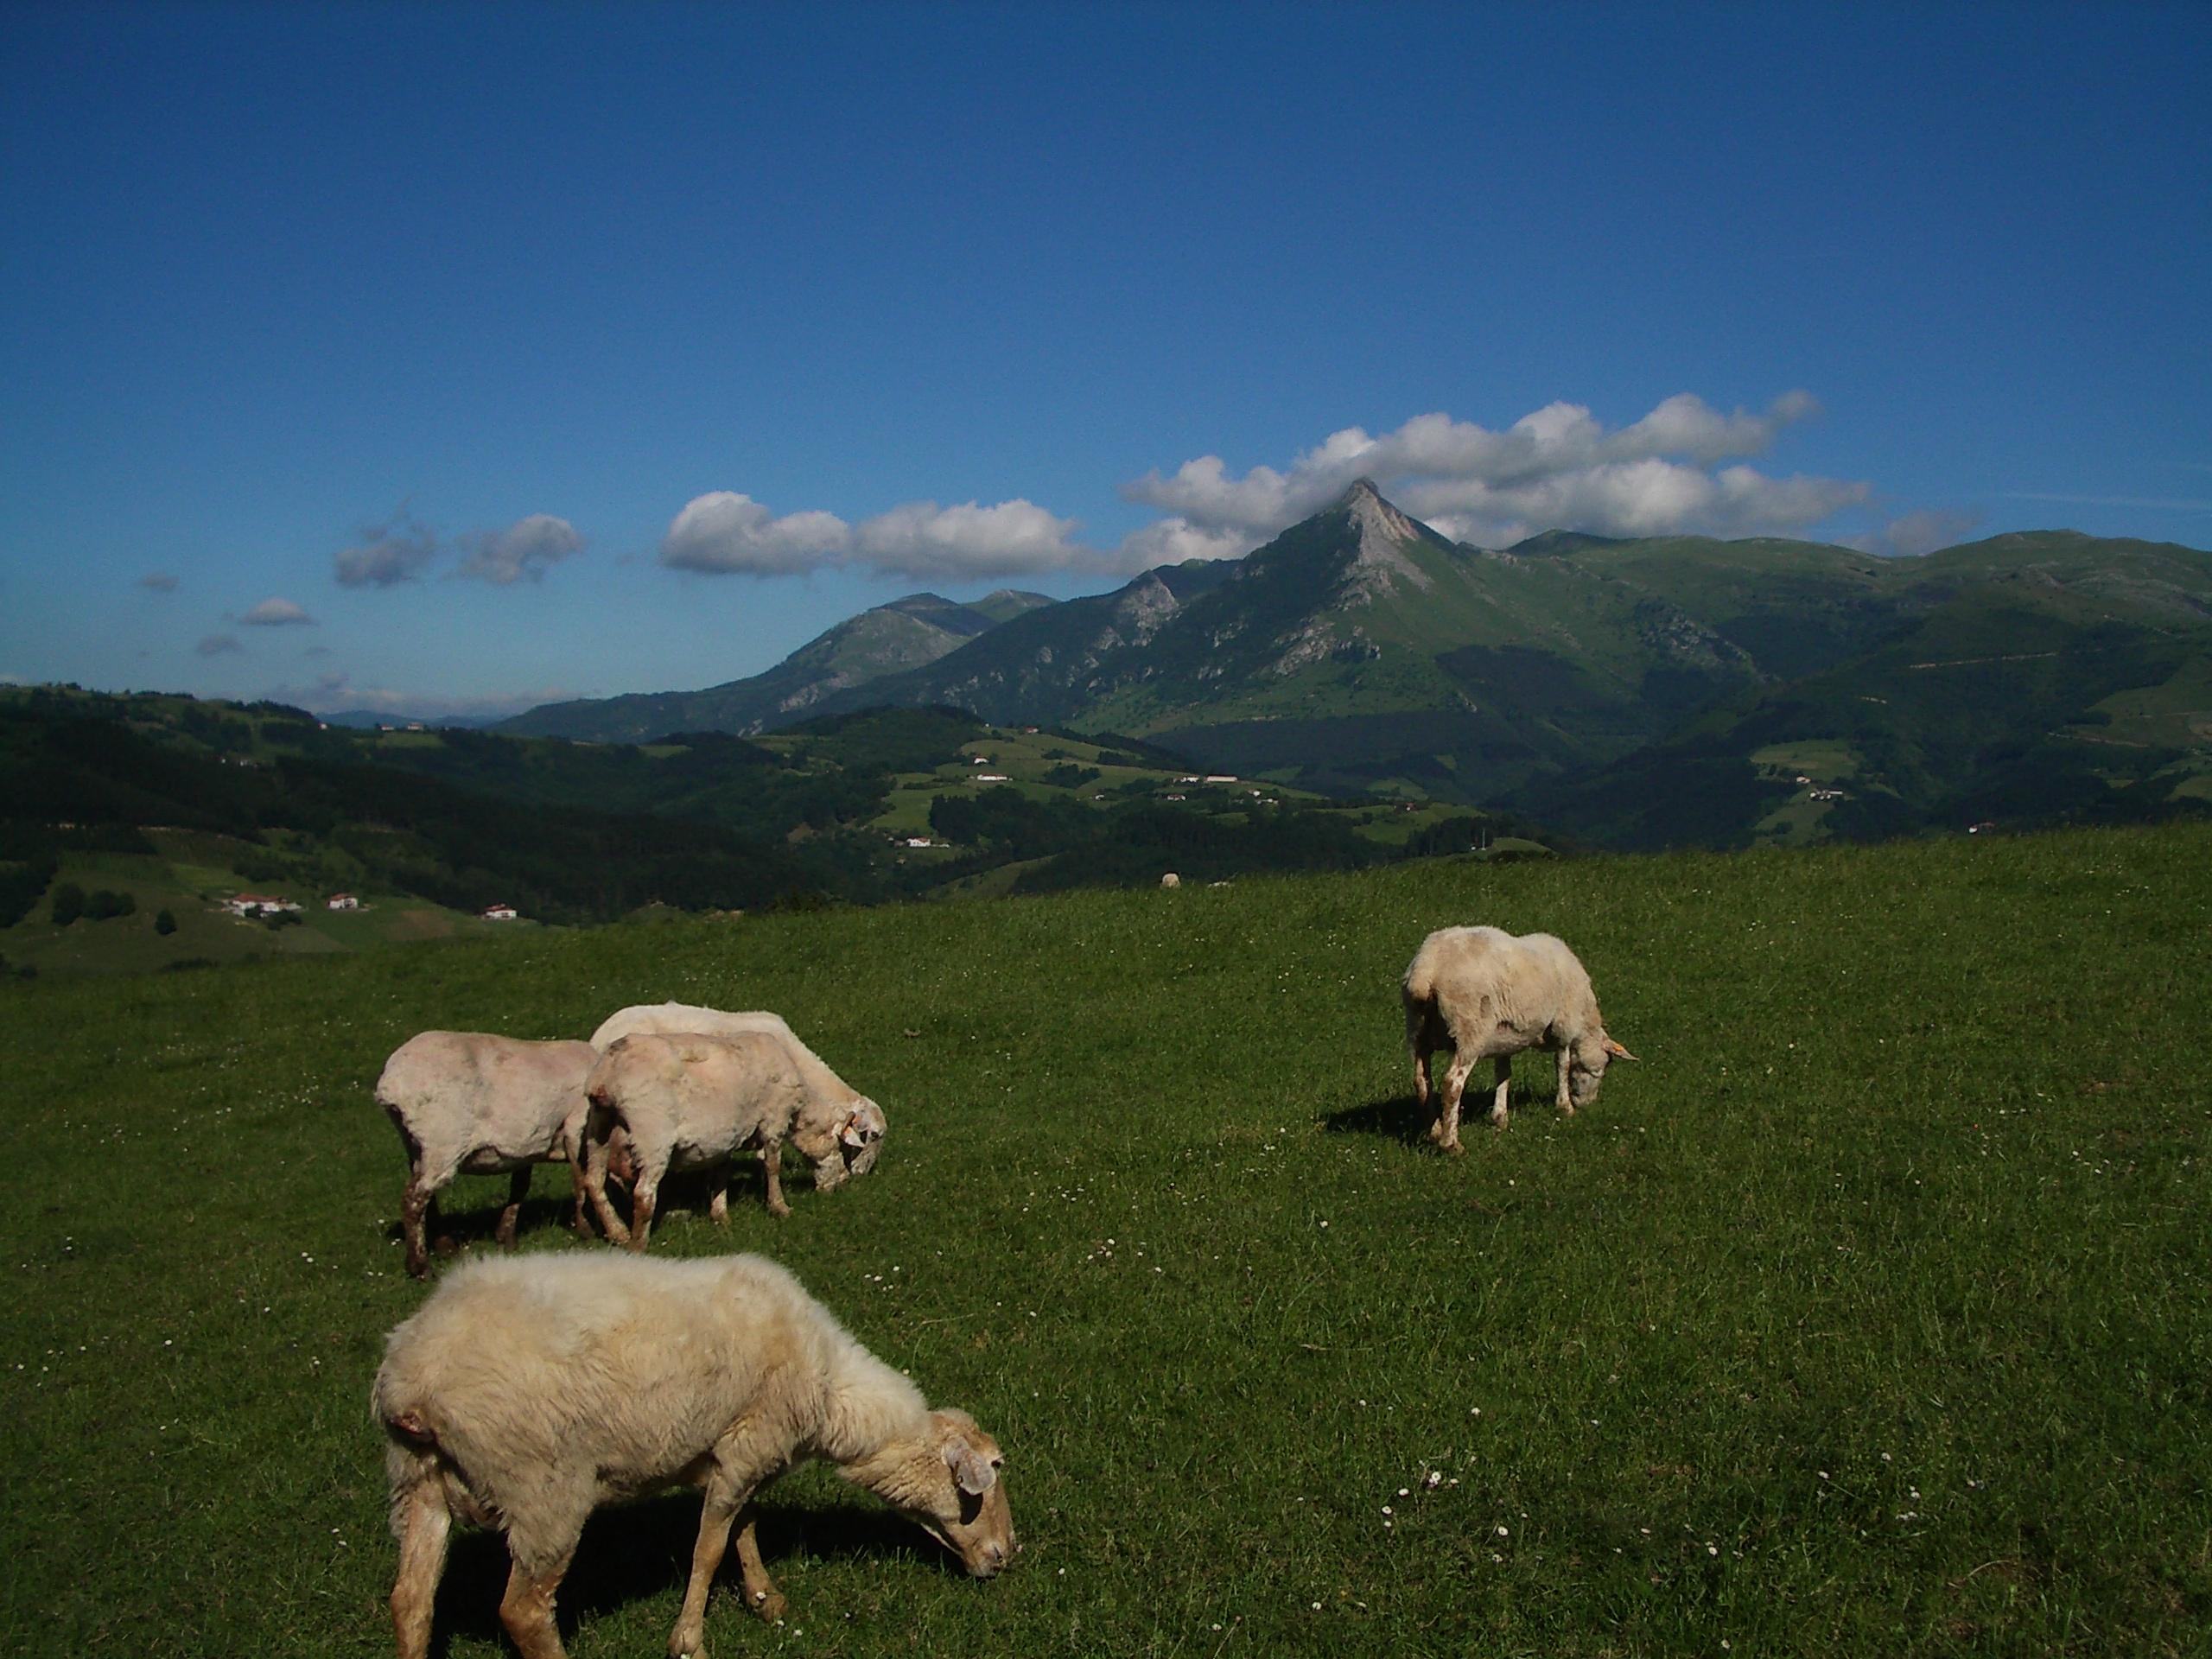 ENBA-GIPUZKOA exige RESPONSABILIDAD y RESPETO para con la cabaña ganadera y con el trabajo de los ganaderos en el monte.